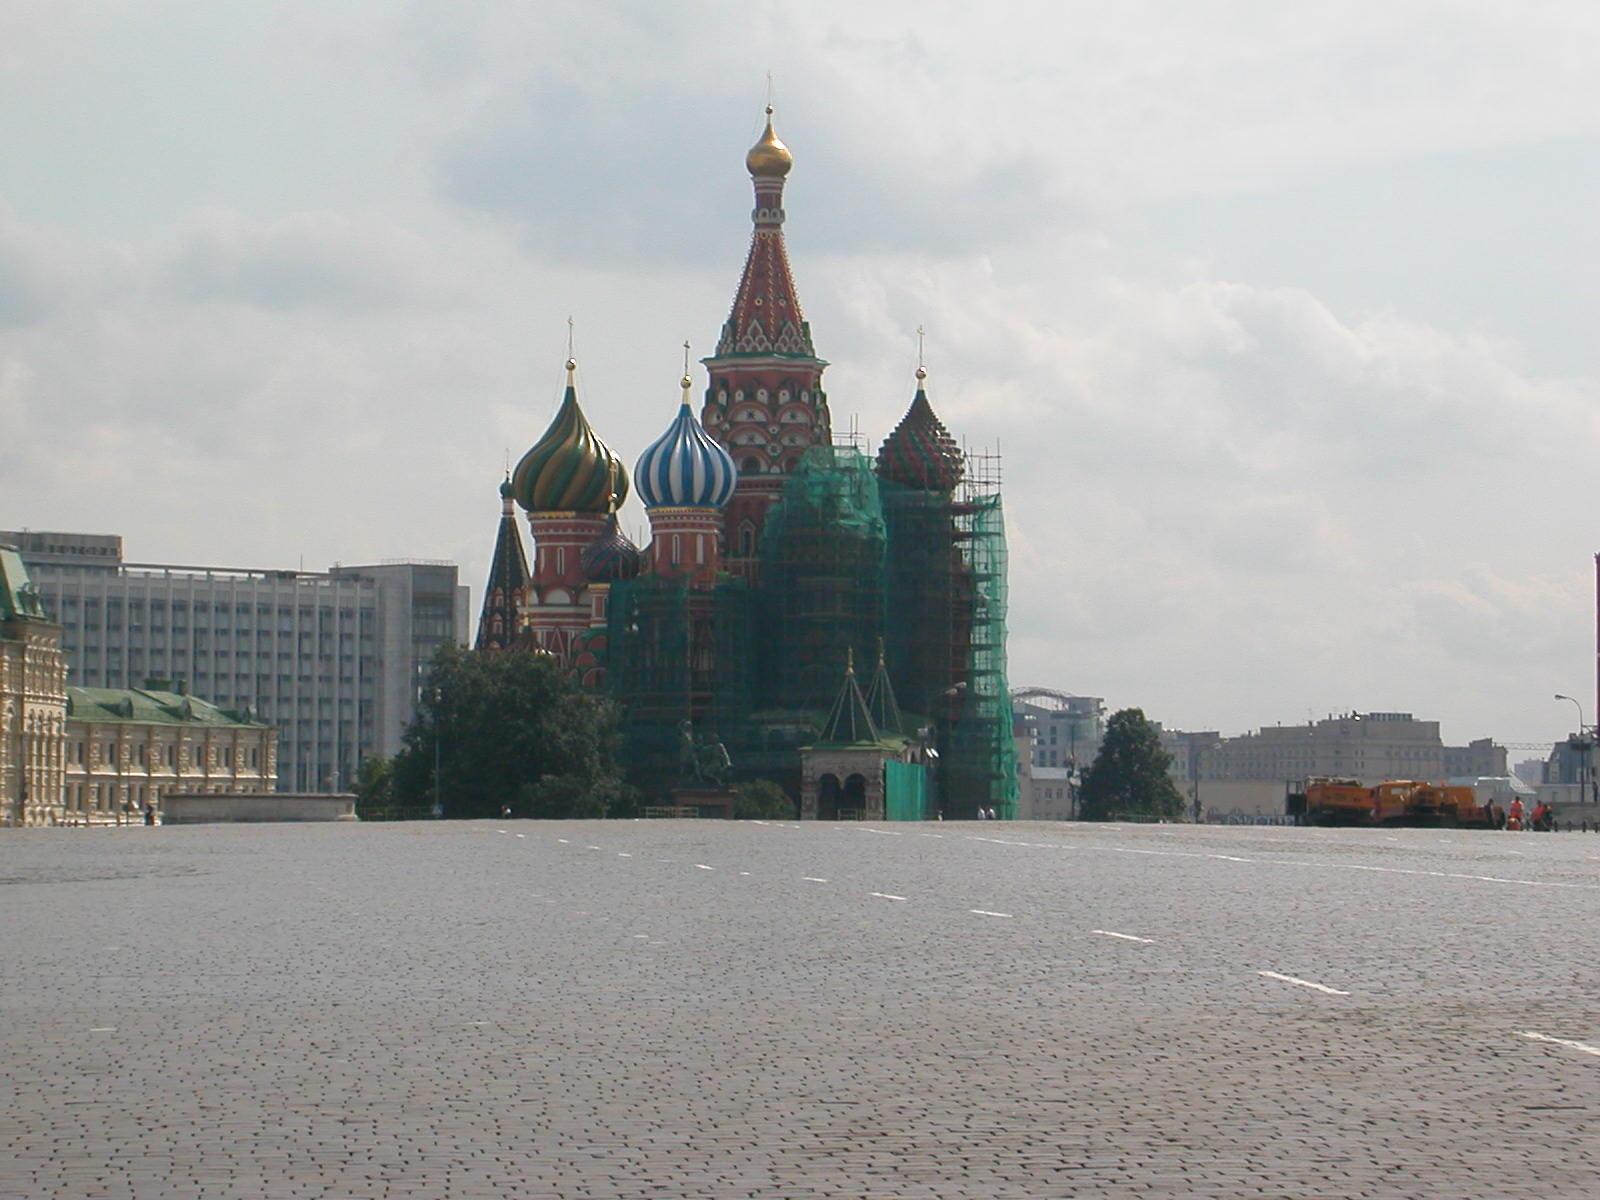 Auf dem Roten Platz, die Basilius-Kathedrale